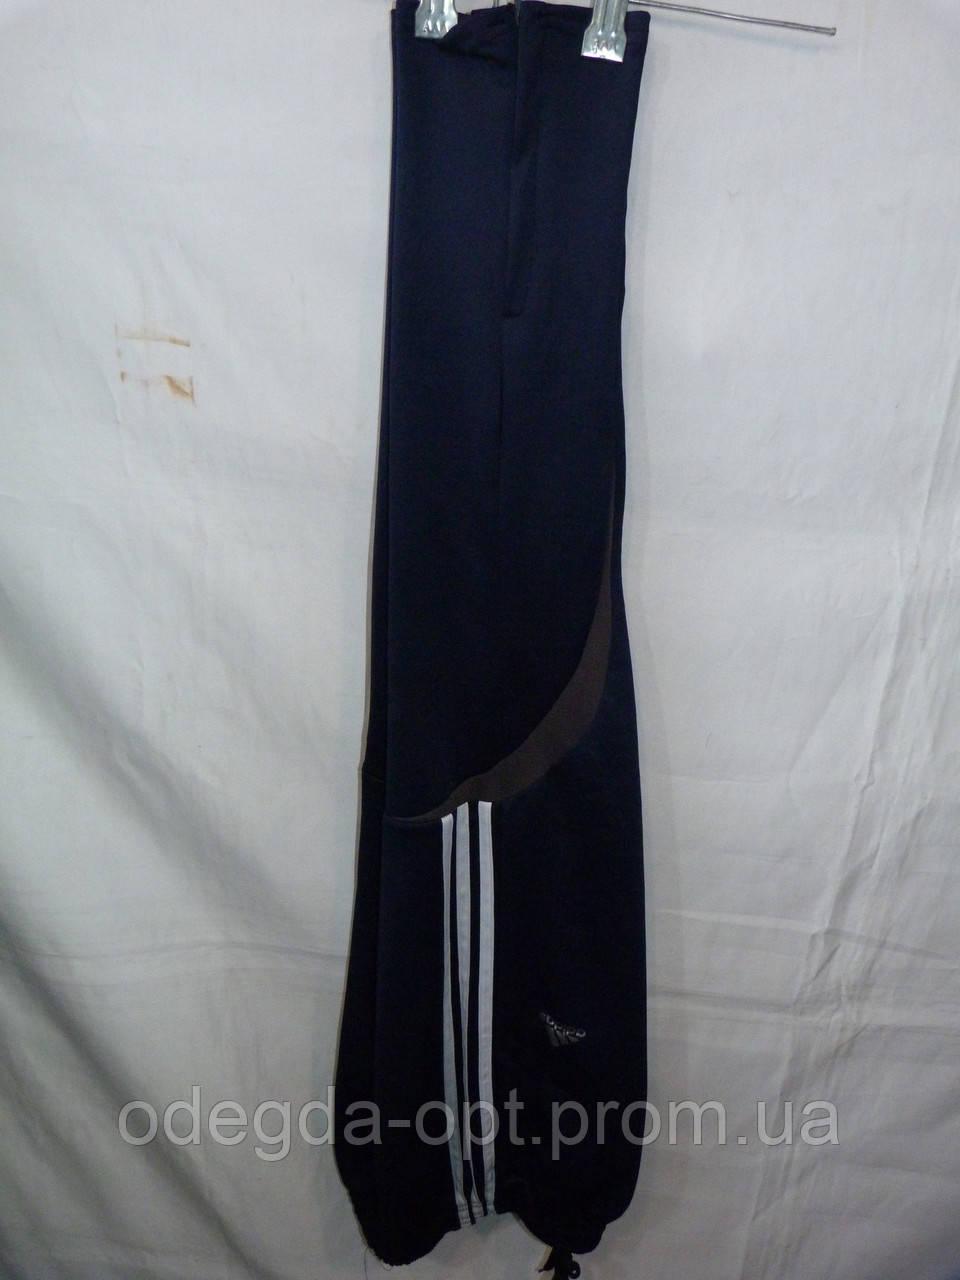 Спортивные штаны ПОДРОСТОК Adidas Ластик 38-44 оптом купить Одесса 7 километр, фото 1